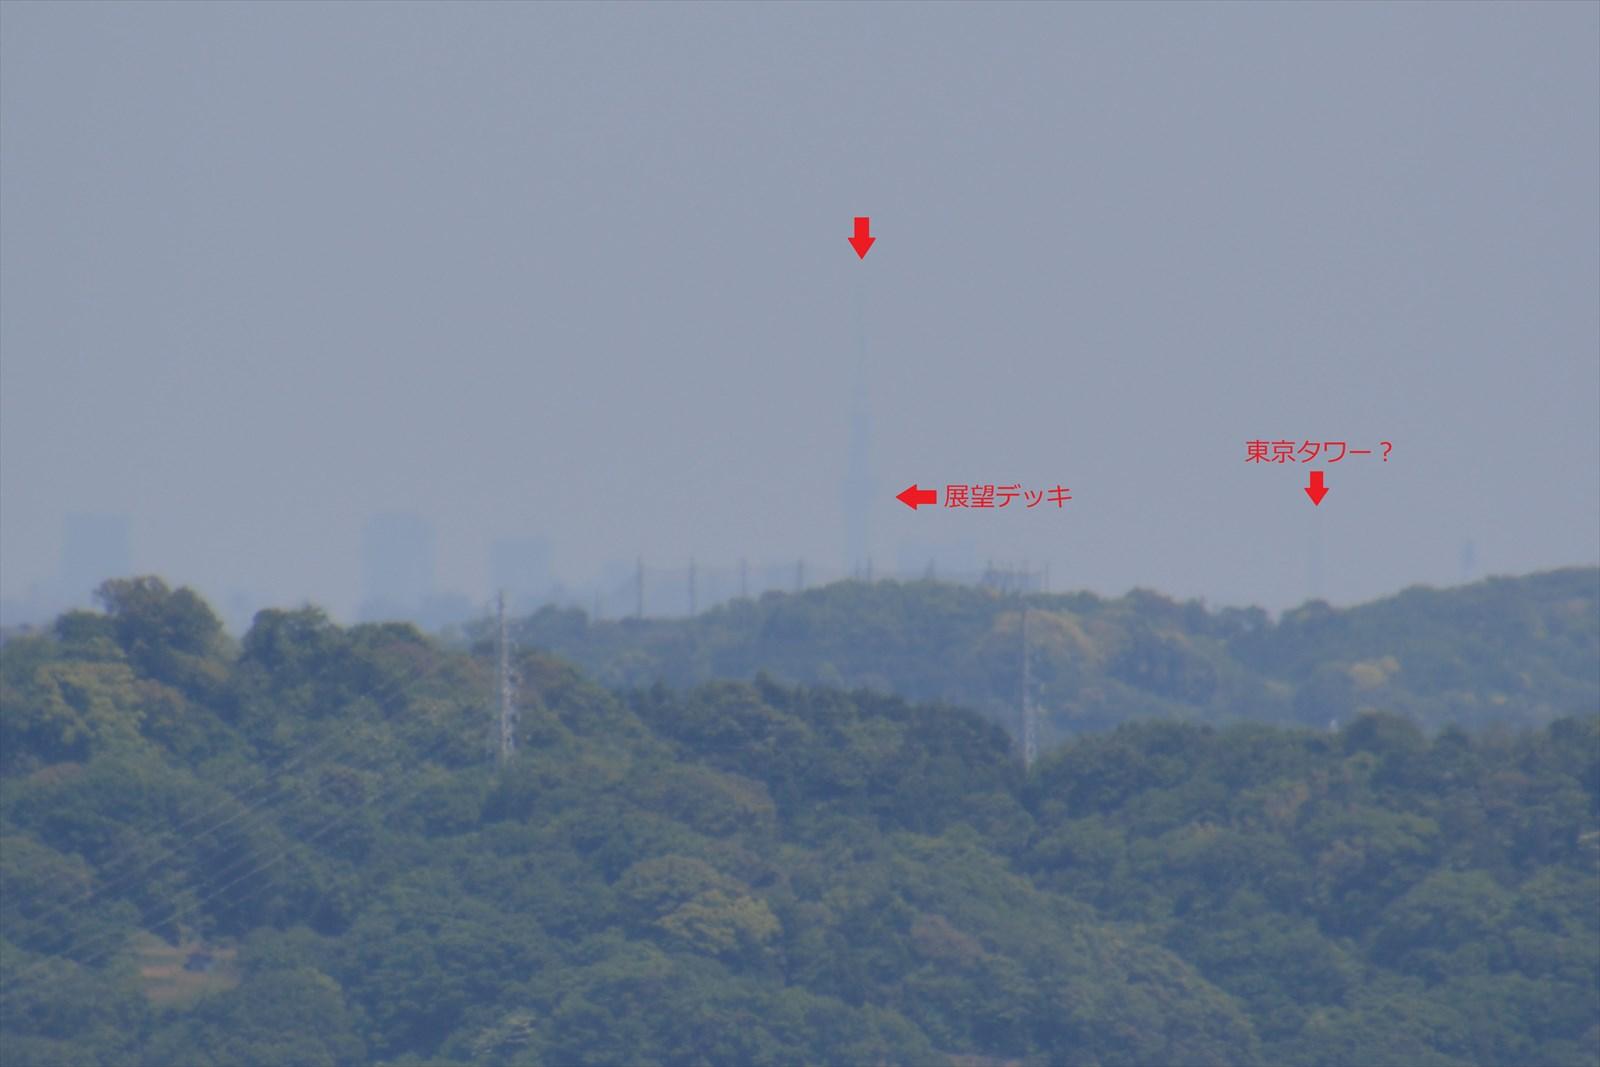 石垣山一夜城から見たスカイツリー5(更に拡大)